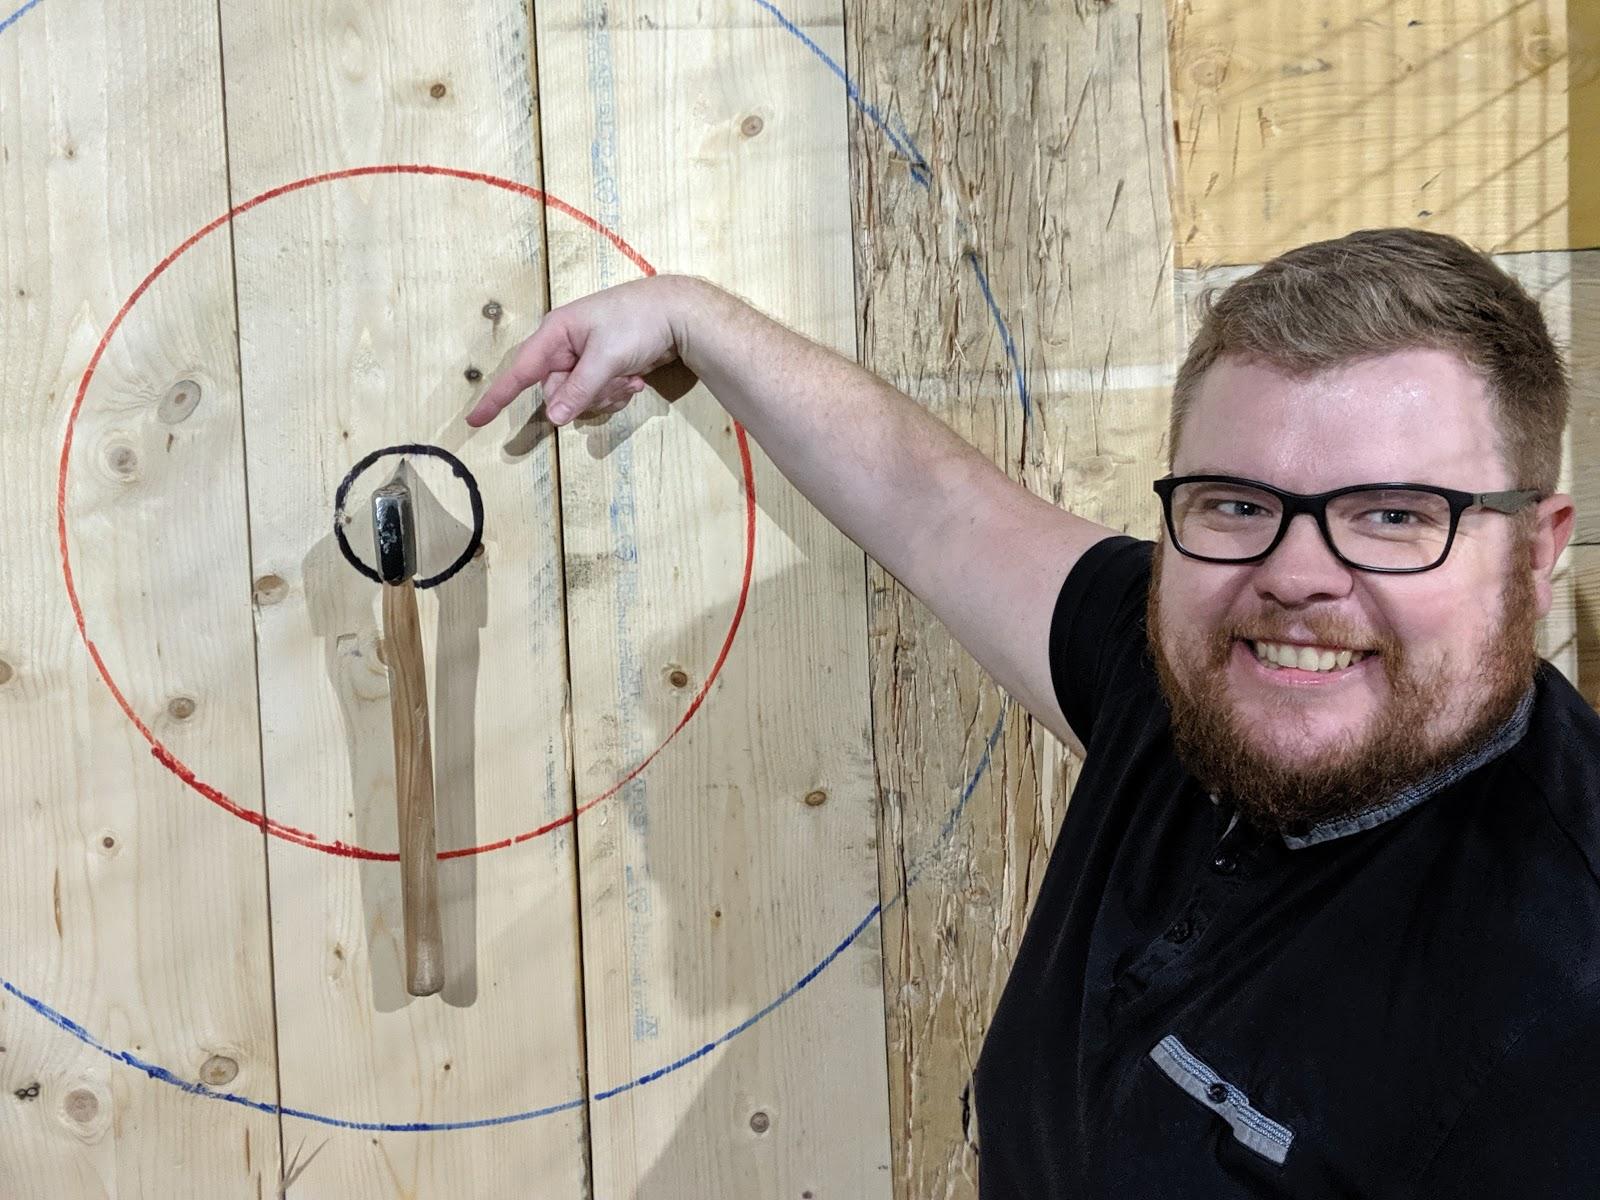 Indoor Axe Throwing in Newcastle at Hatchet Harry's  (Review) - bullseye